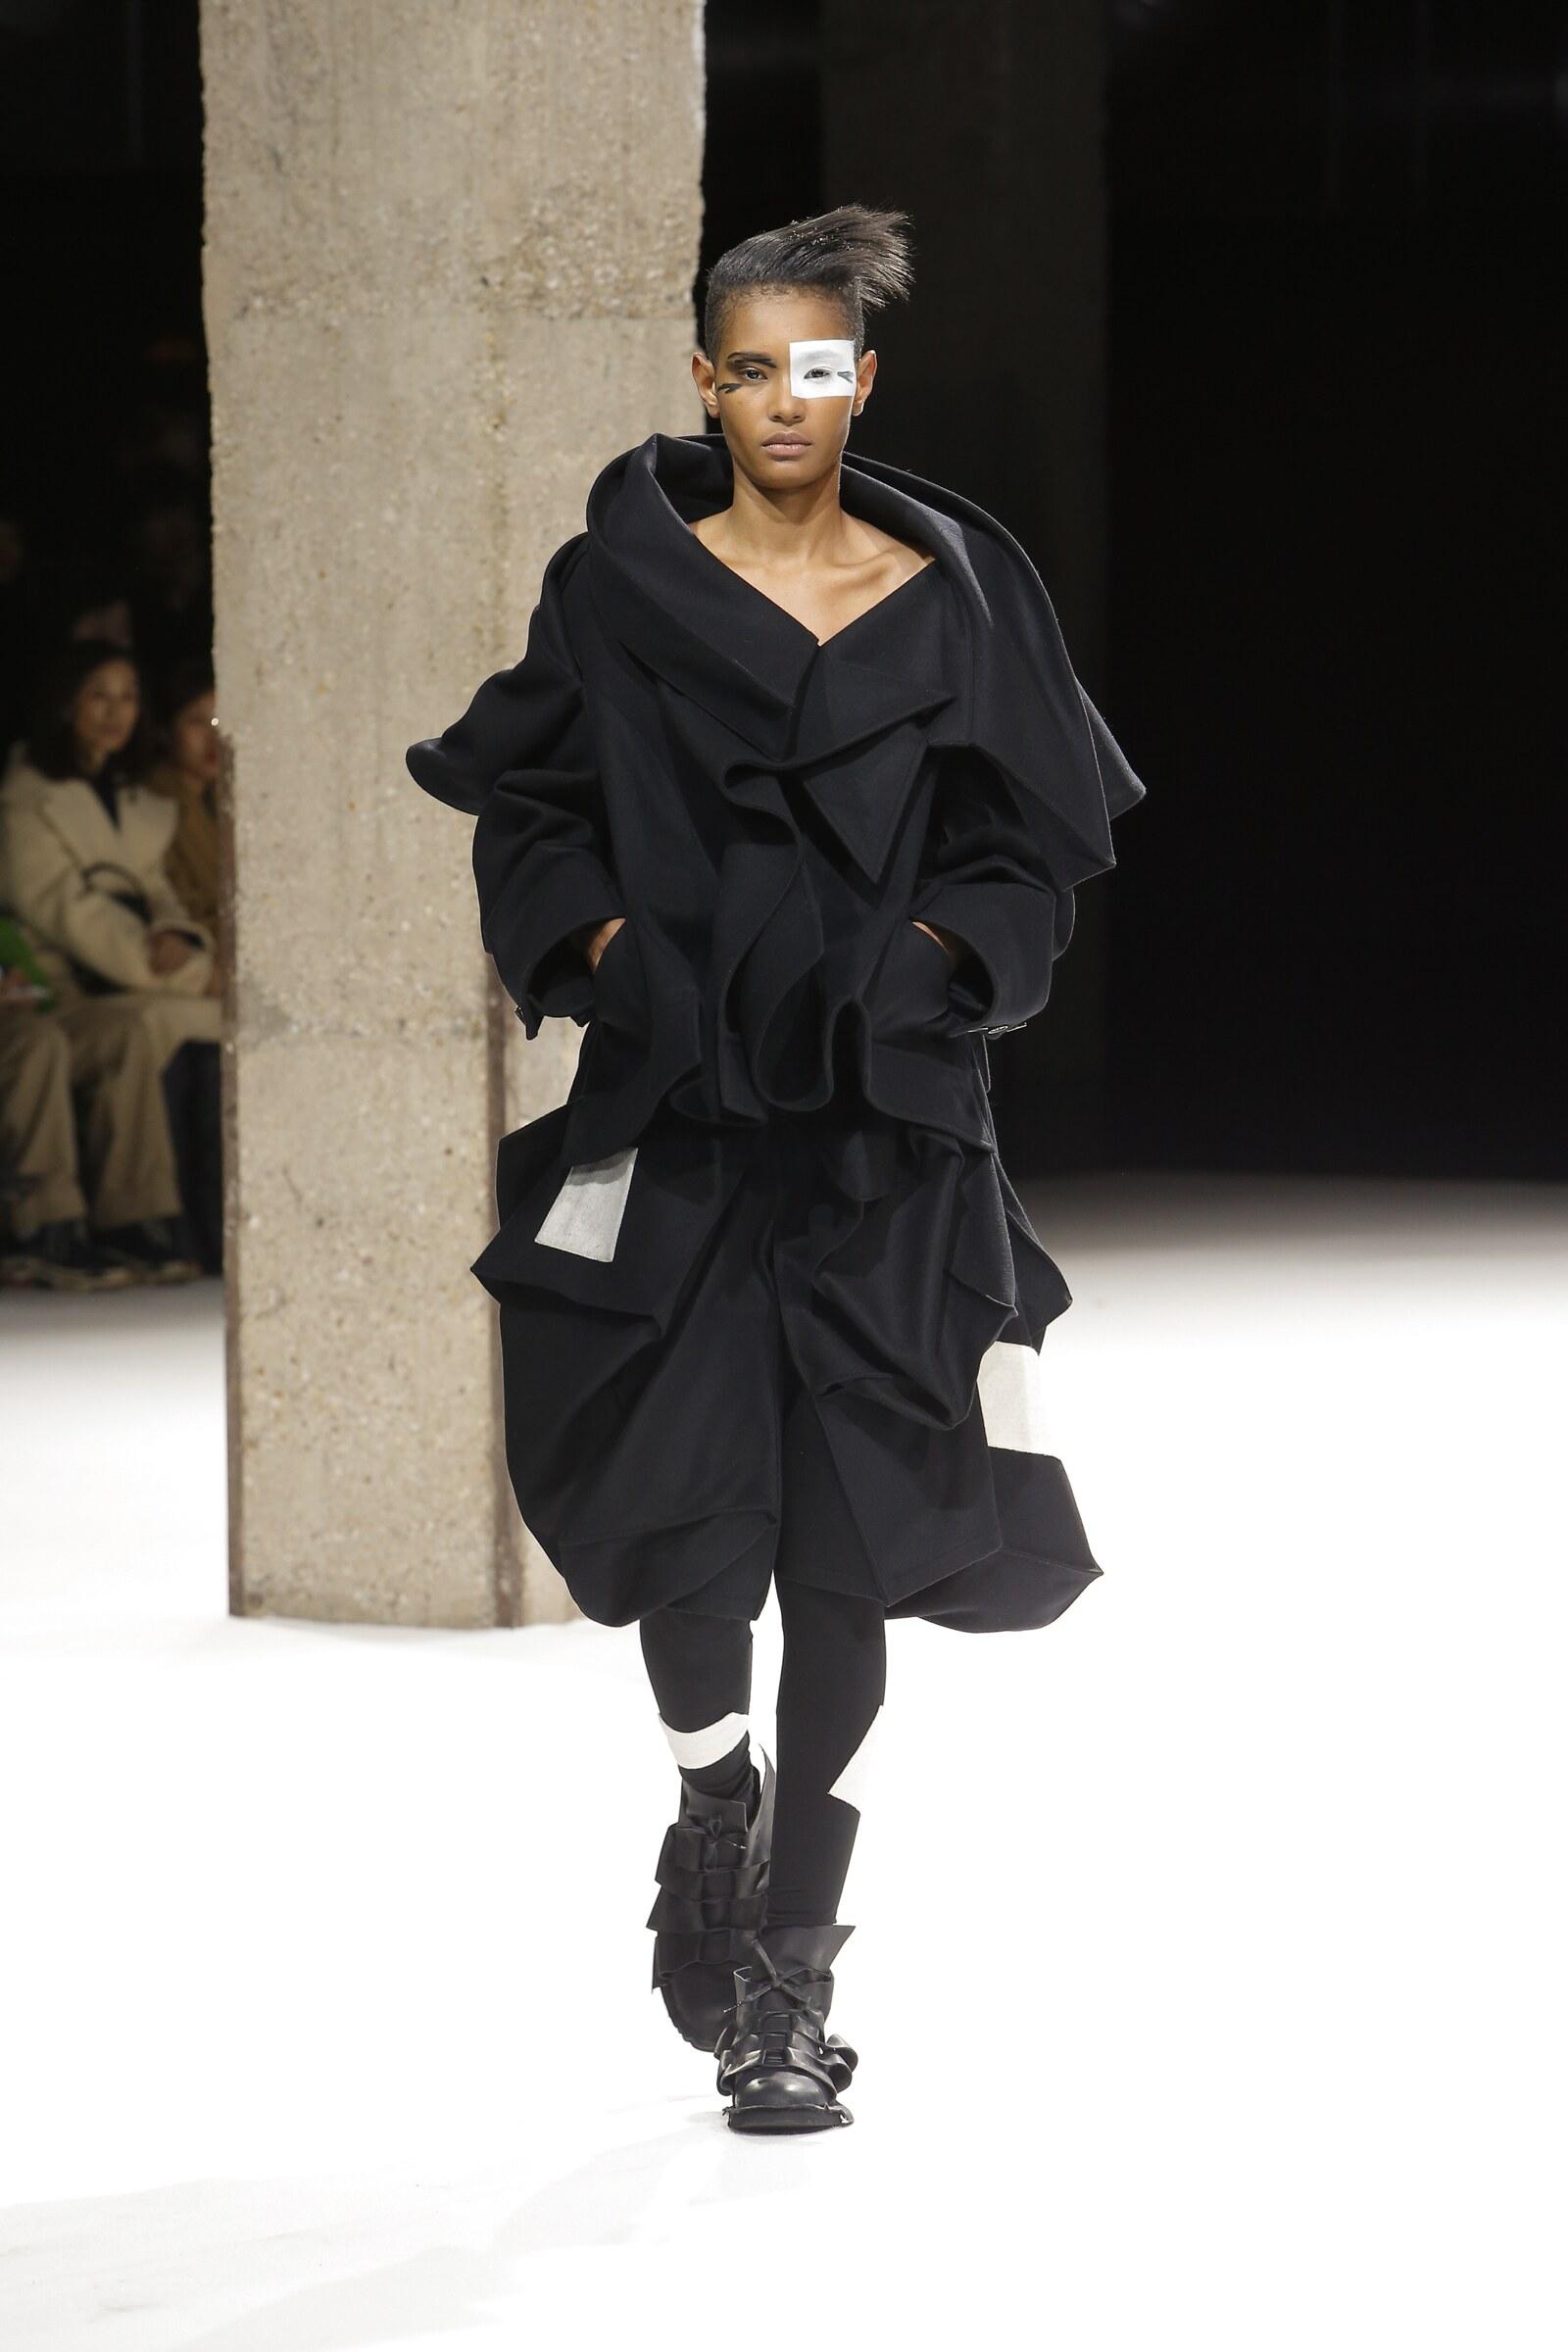 Runway Yohji Yamamoto Fall Winter 2018 Women's Collection Paris Fashion Week